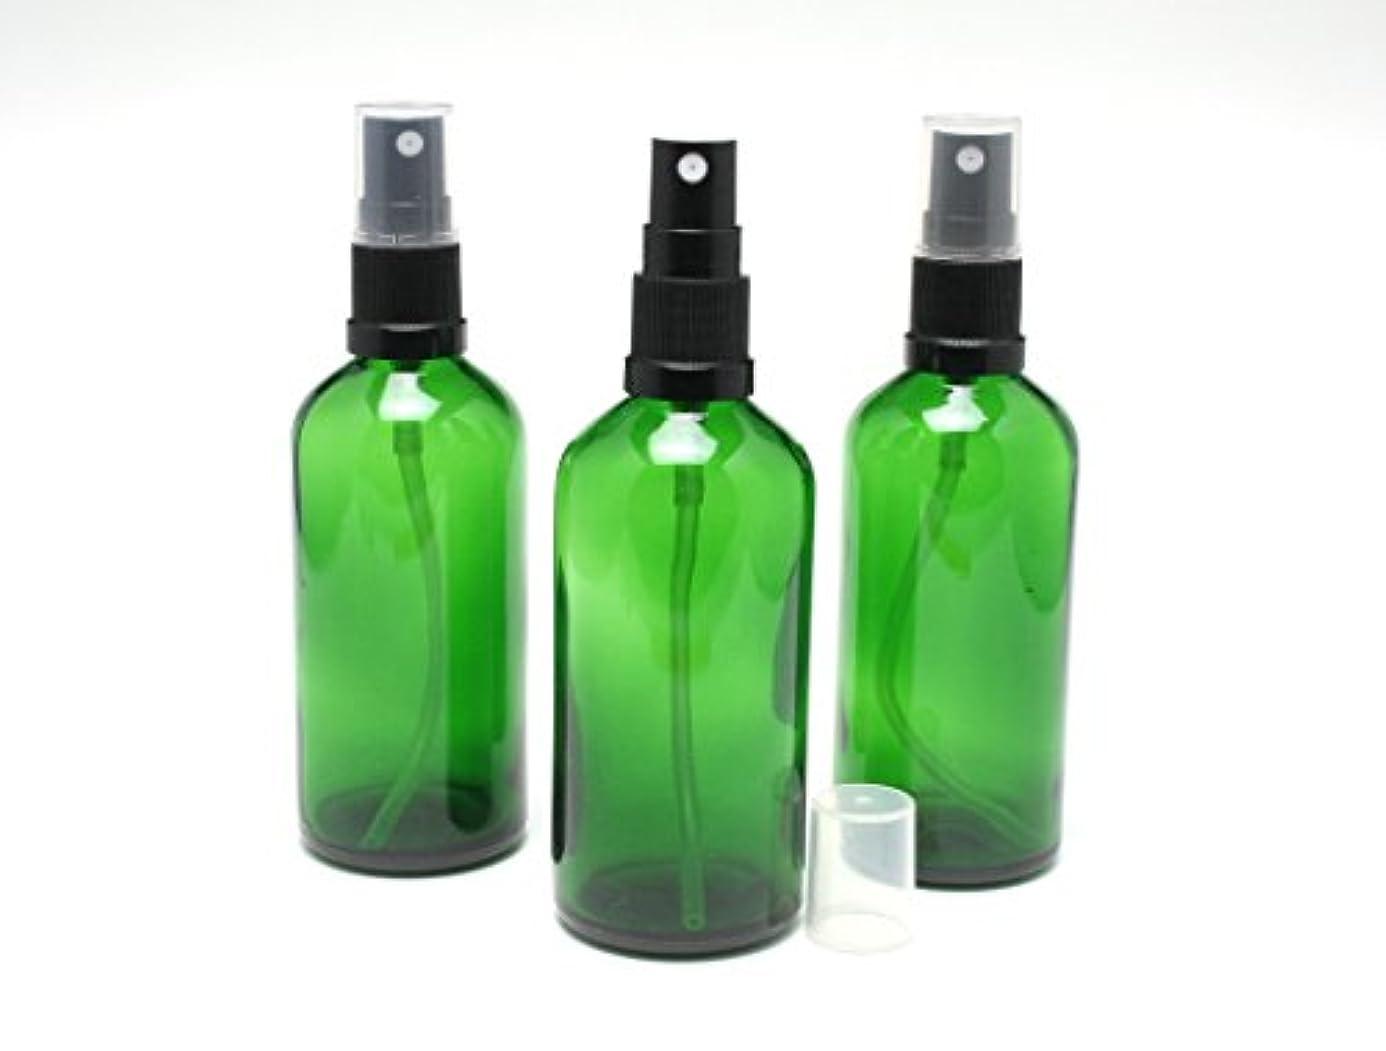 刺激する招待ピクニック遮光瓶 スプレーボトル (グラス/アトマイザー) 100ml / グリーン/ブラックヘッド 3本セット 【新品アウトレット商品 】